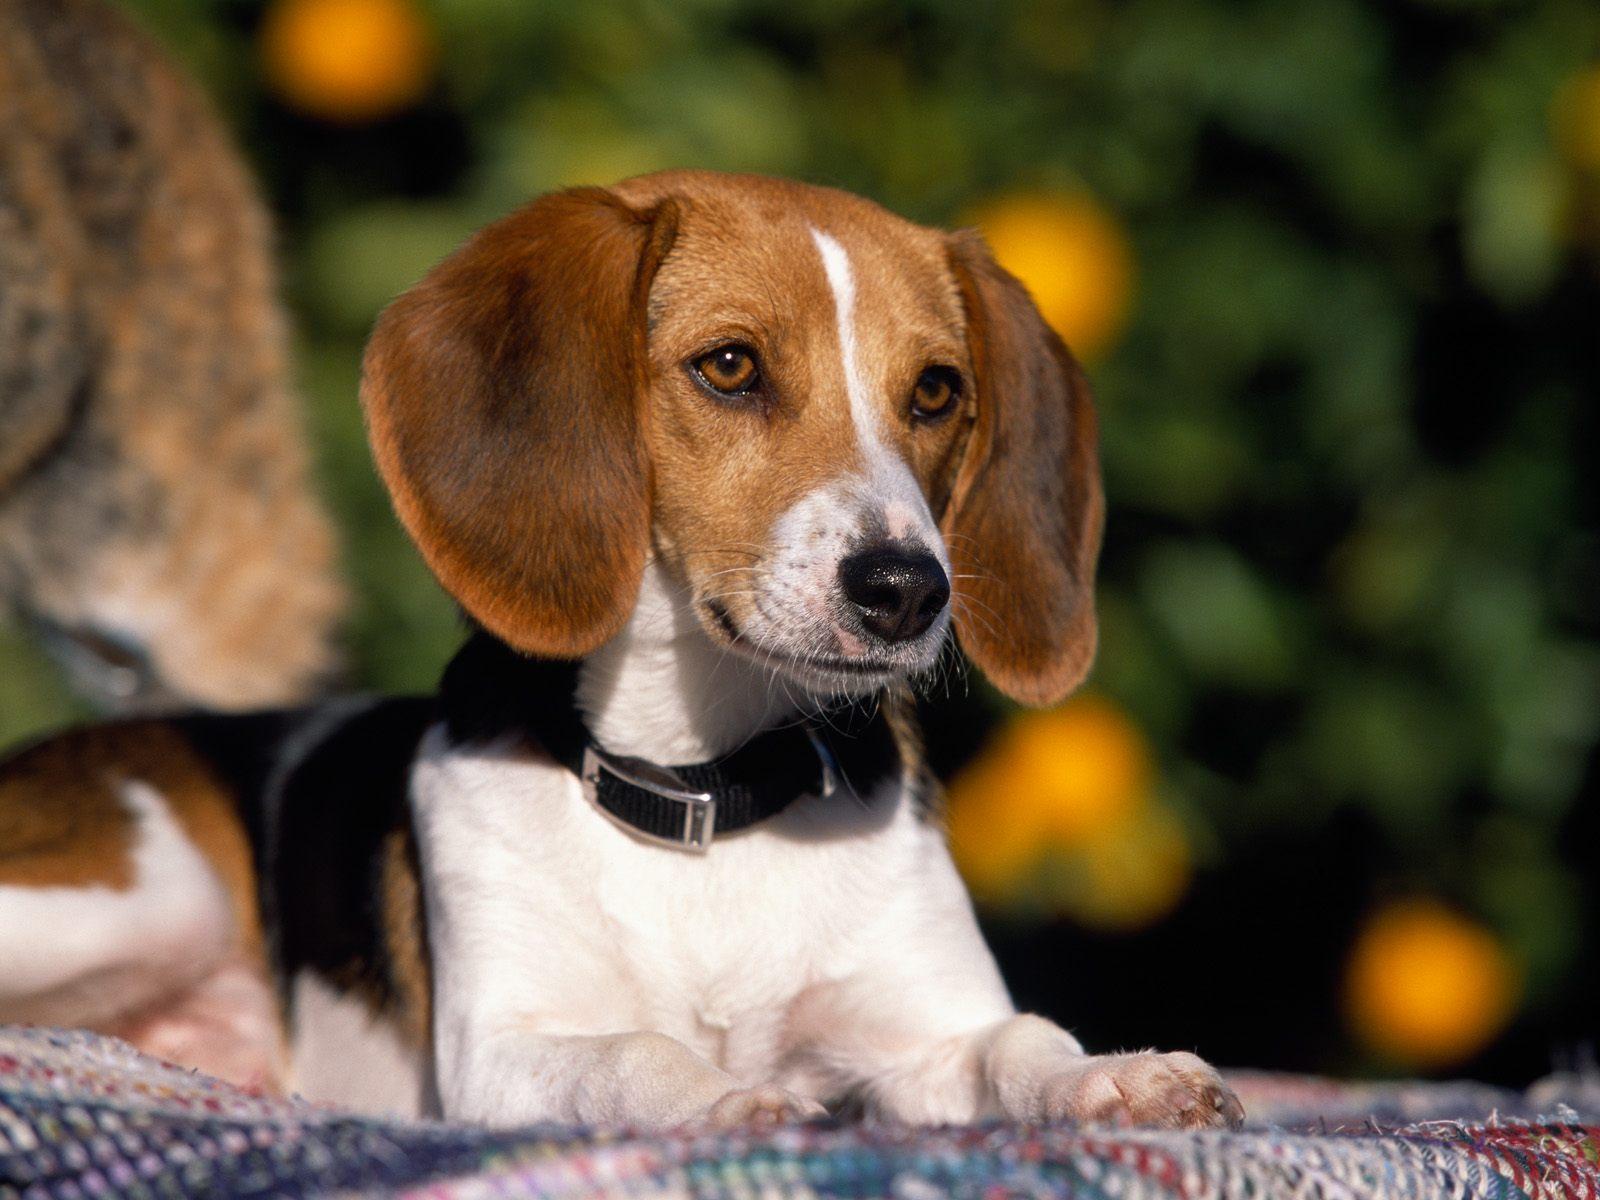 4f3fc635b683 Οι διάφορες ράτσες των κυνηγετικών σκύλων είναι εκπαιδευμένες έτσι ώστε να  γίνονται πολύτιμοι βοηθοί του κυνηγού